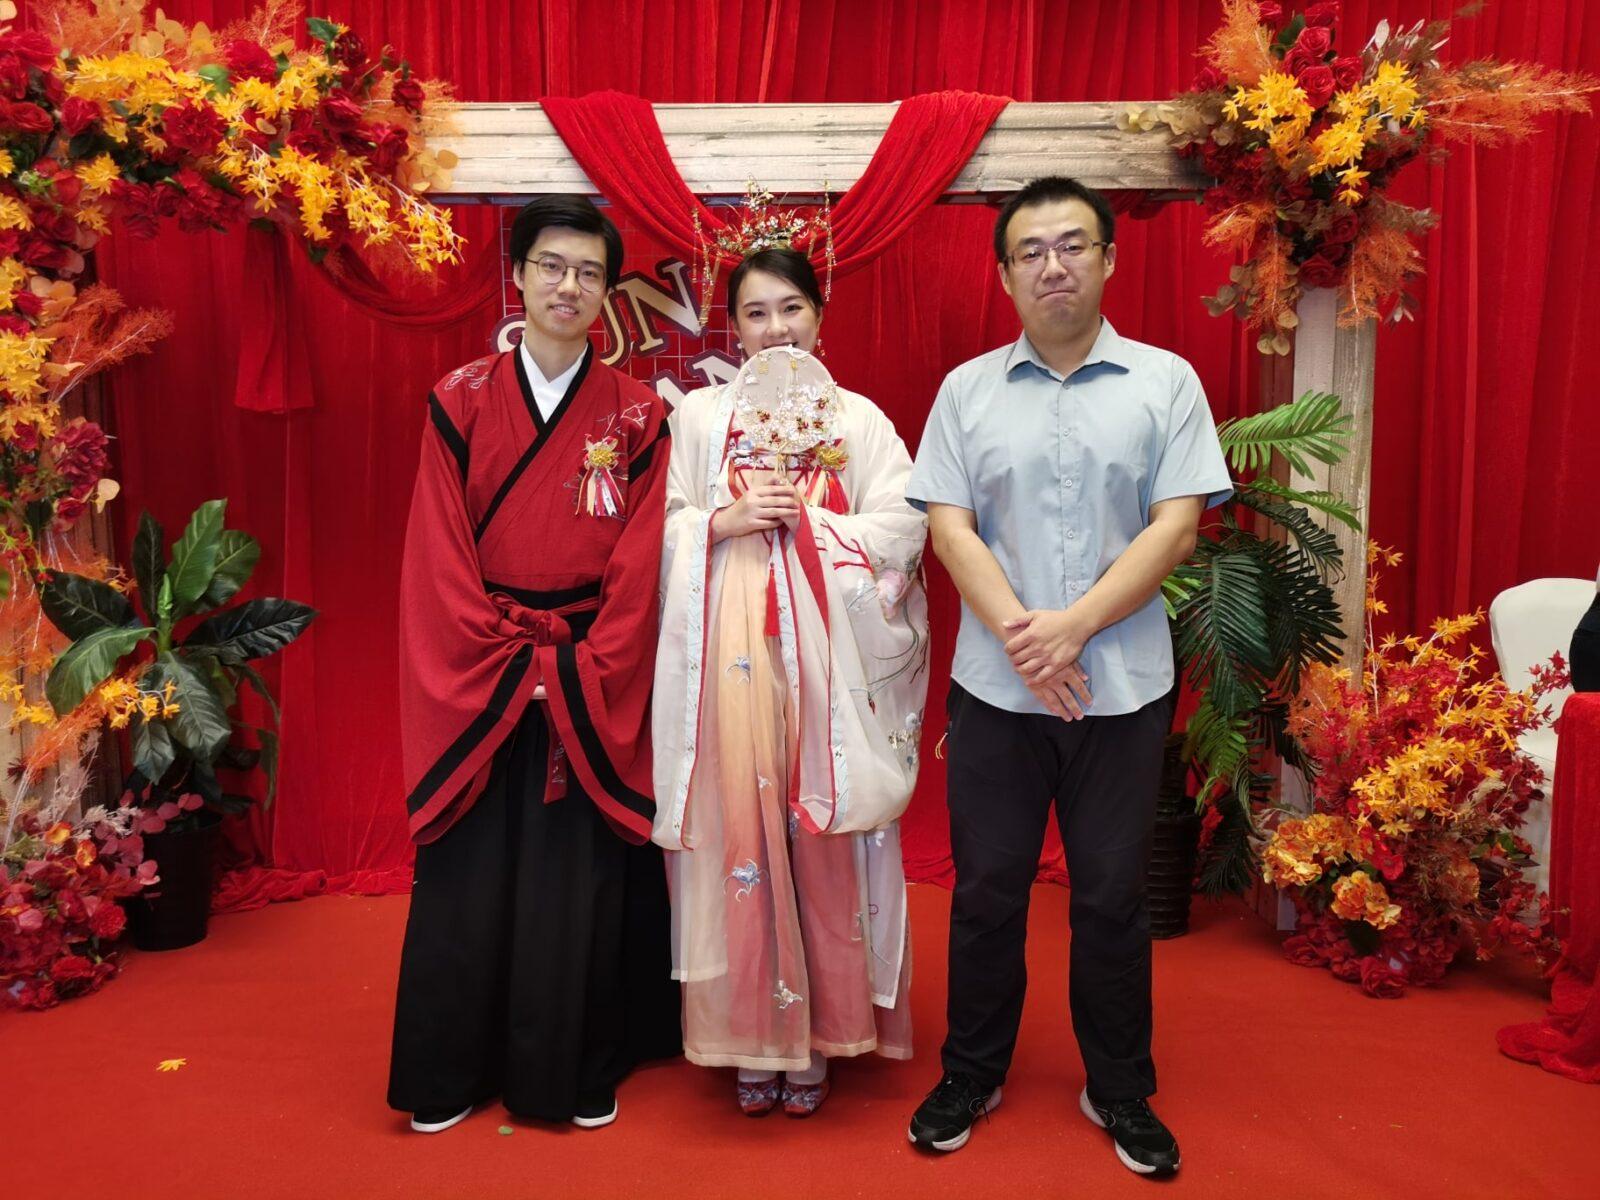 Matrimonio cinese : dalle origini fino ad oggi